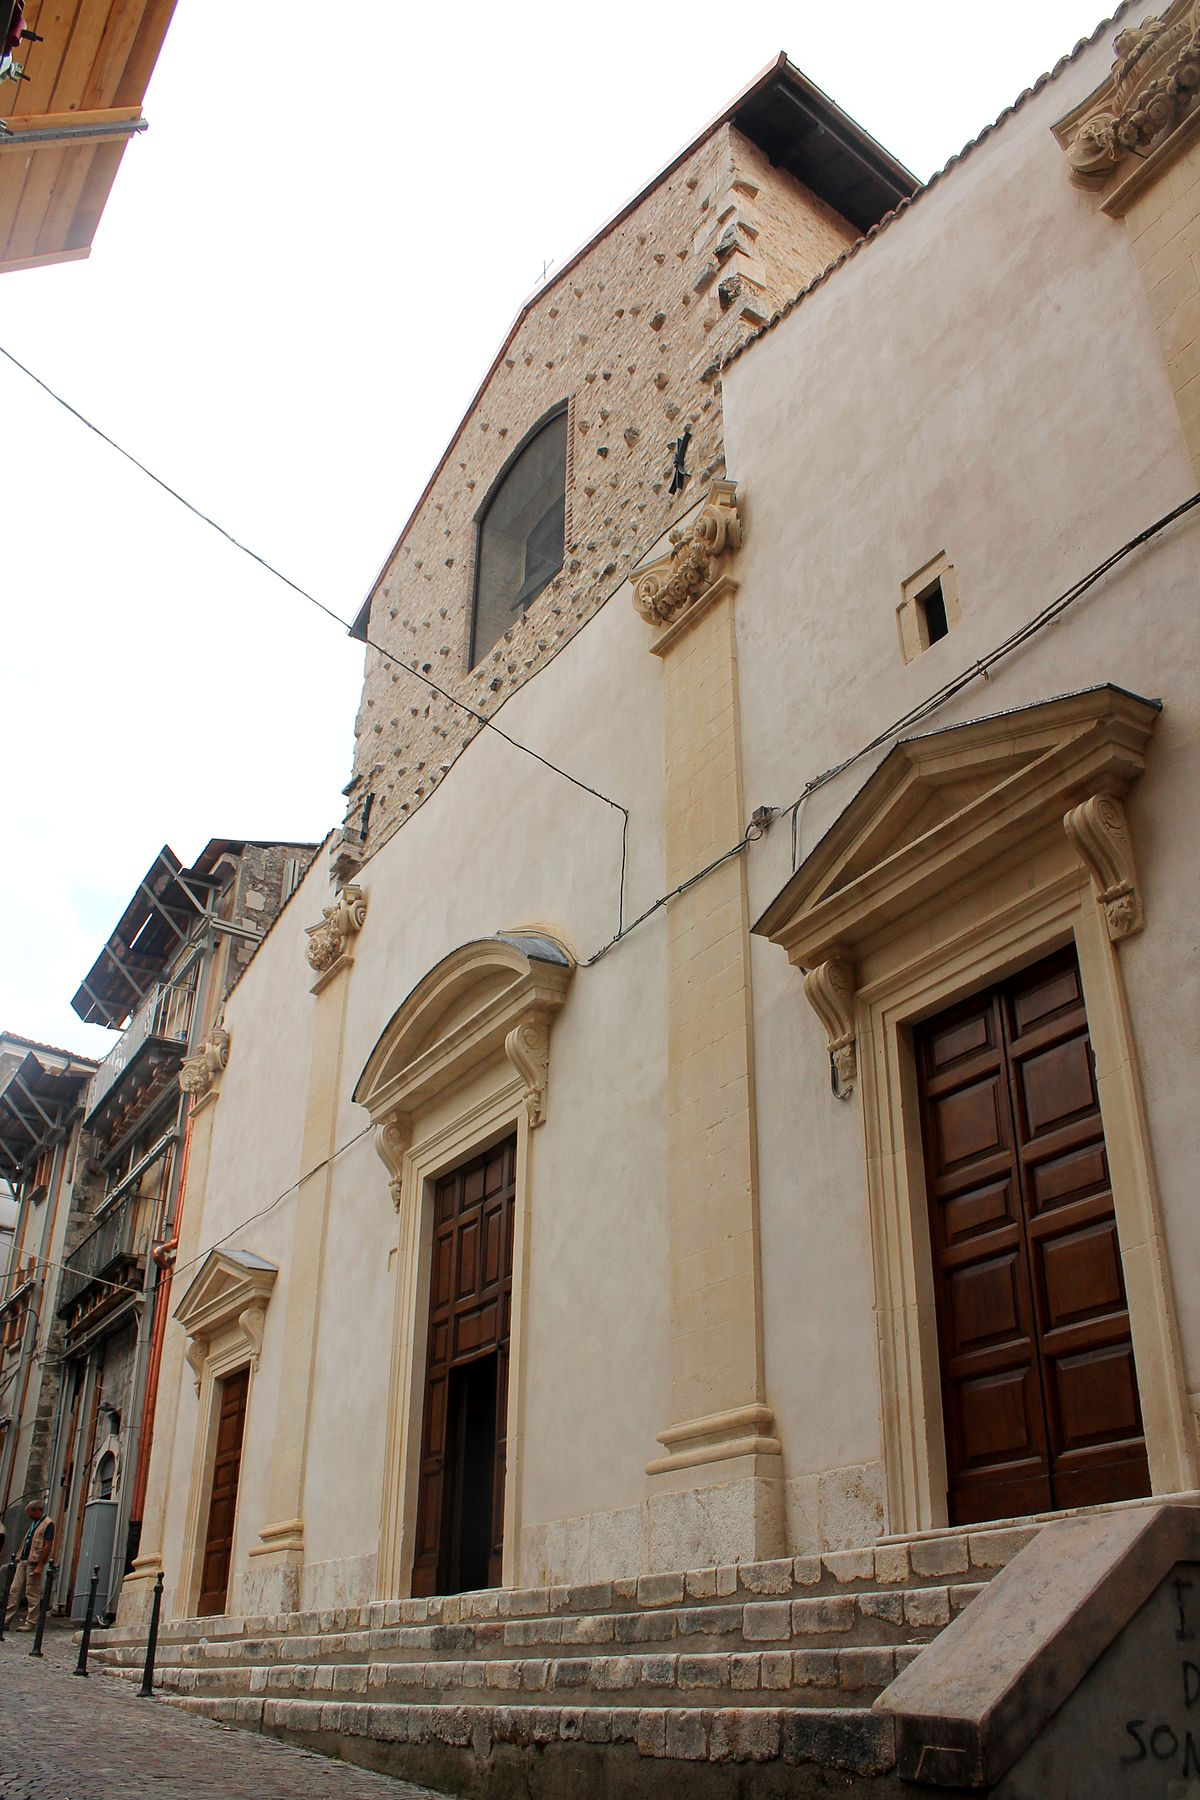 Basilica di san giuseppe artigiano wikipedia for Arredi interni san giuseppe vesuviano